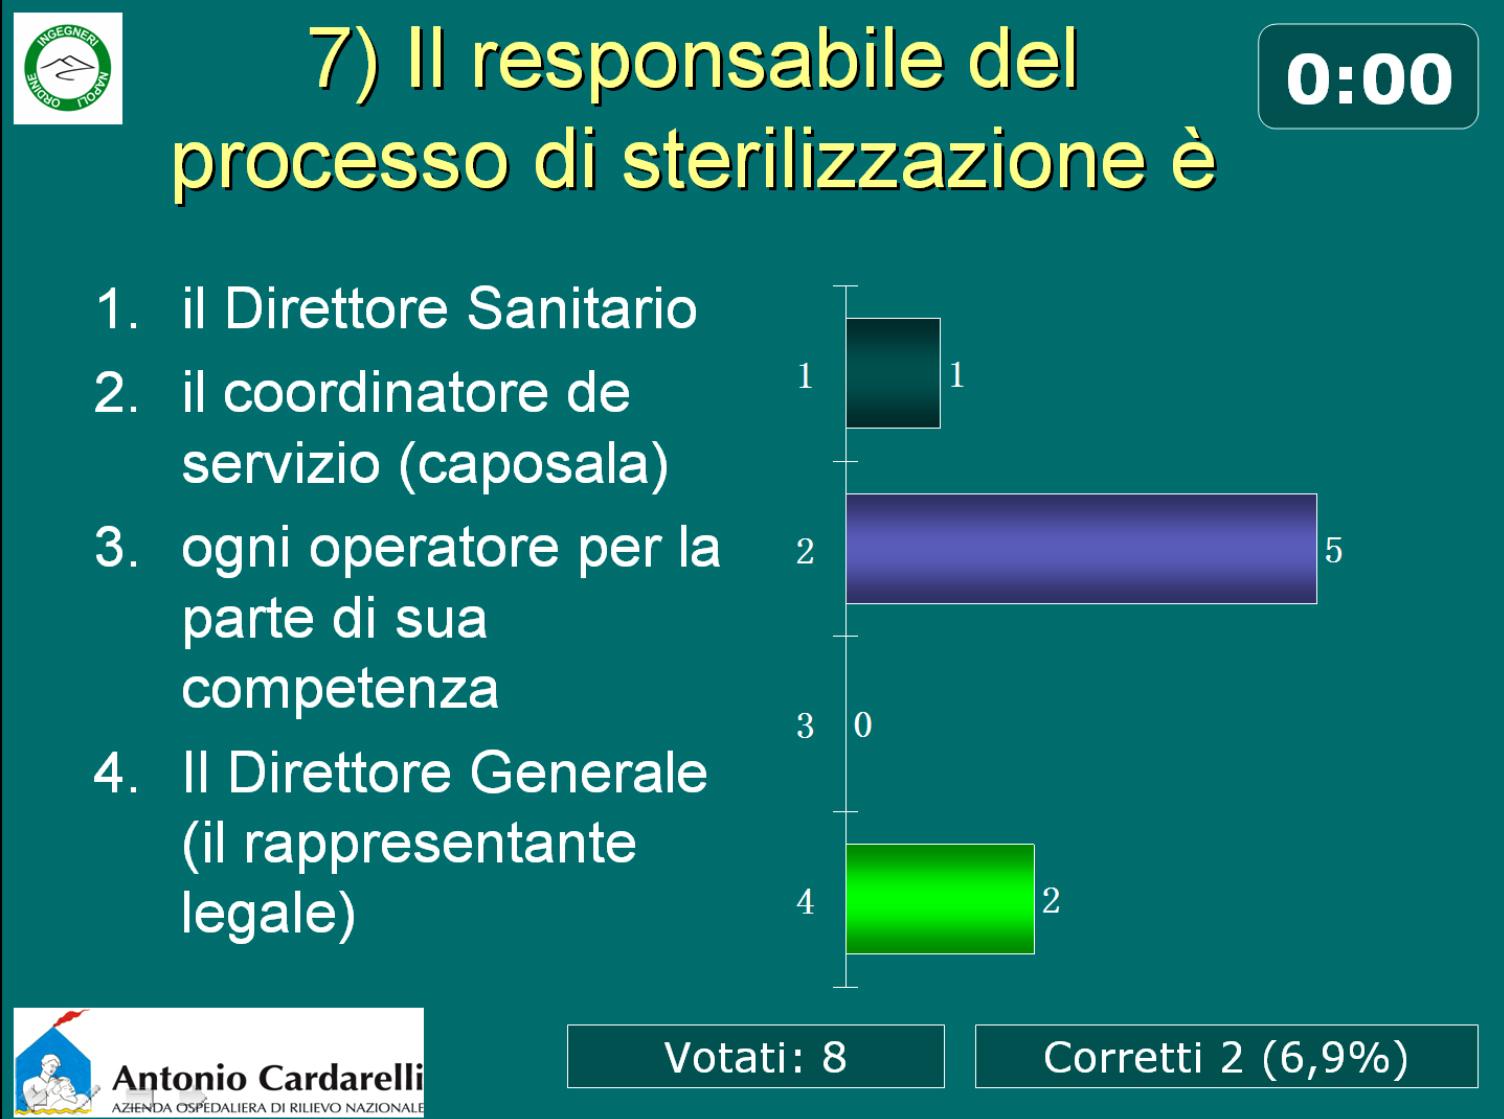 miniatura.Televoter slide1